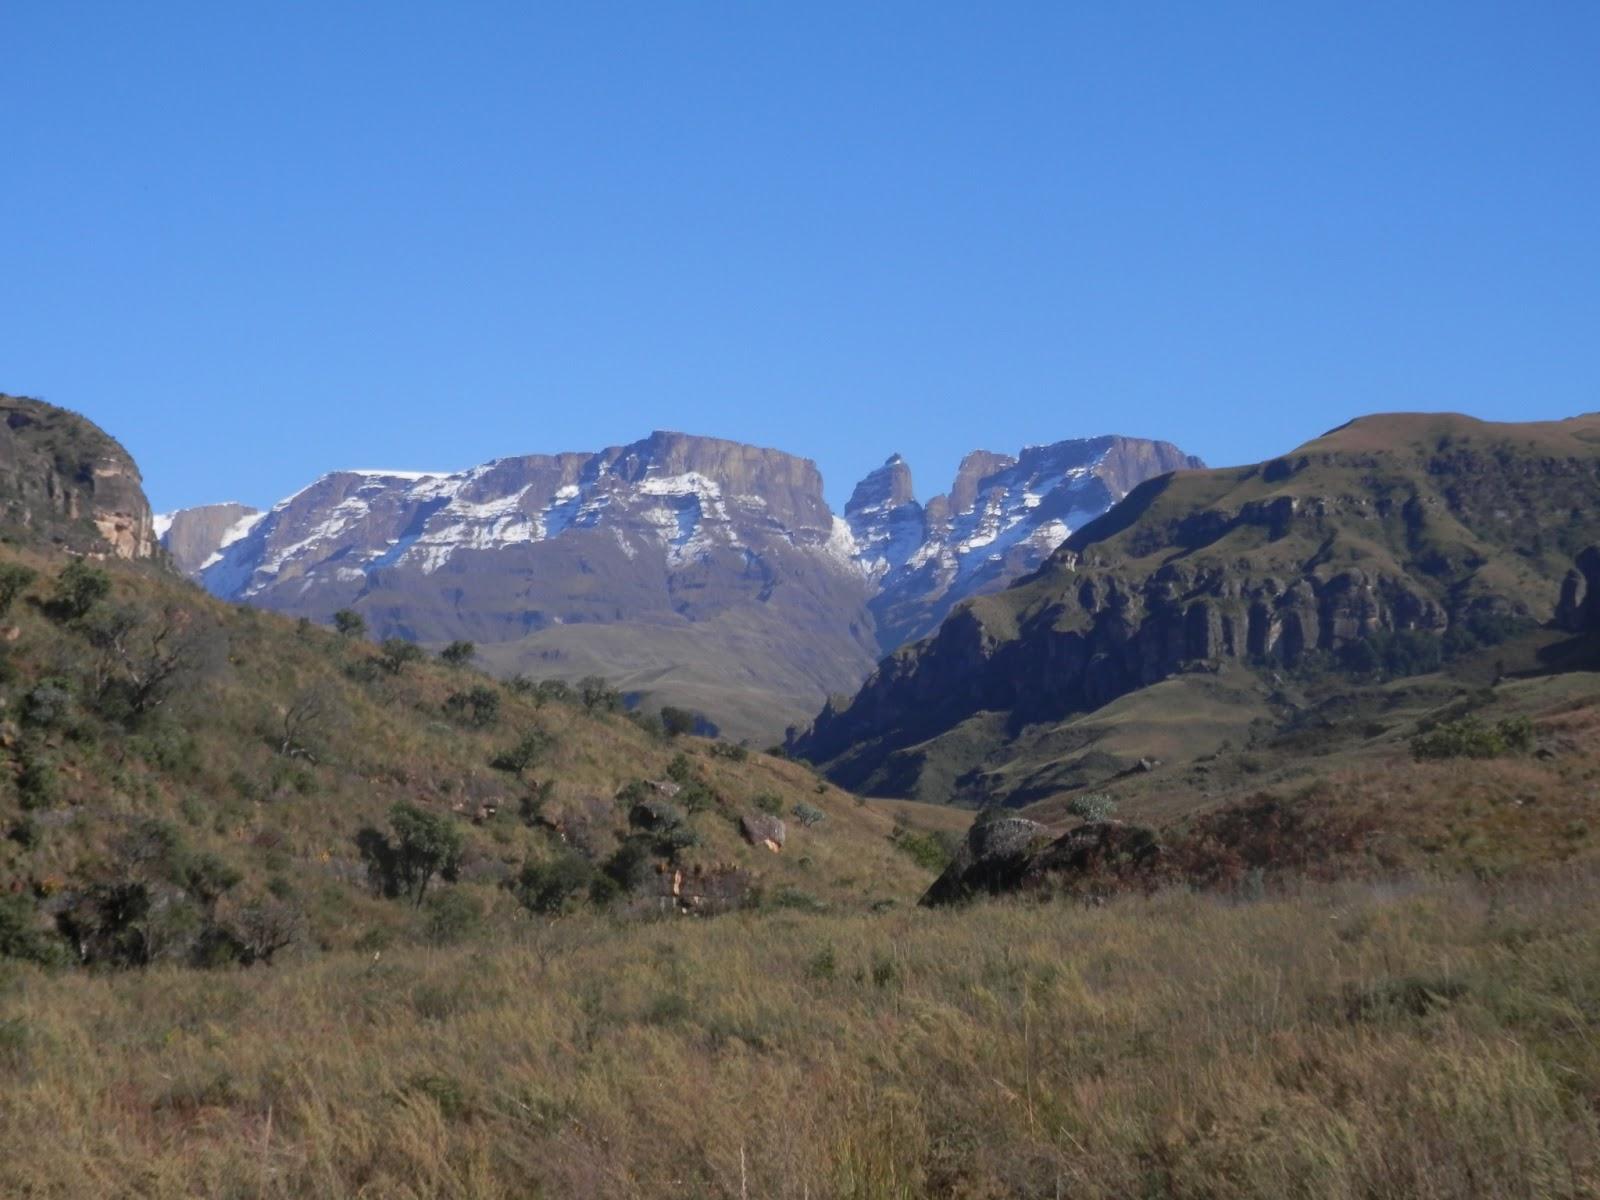 injisuthi - Central Drakensberg